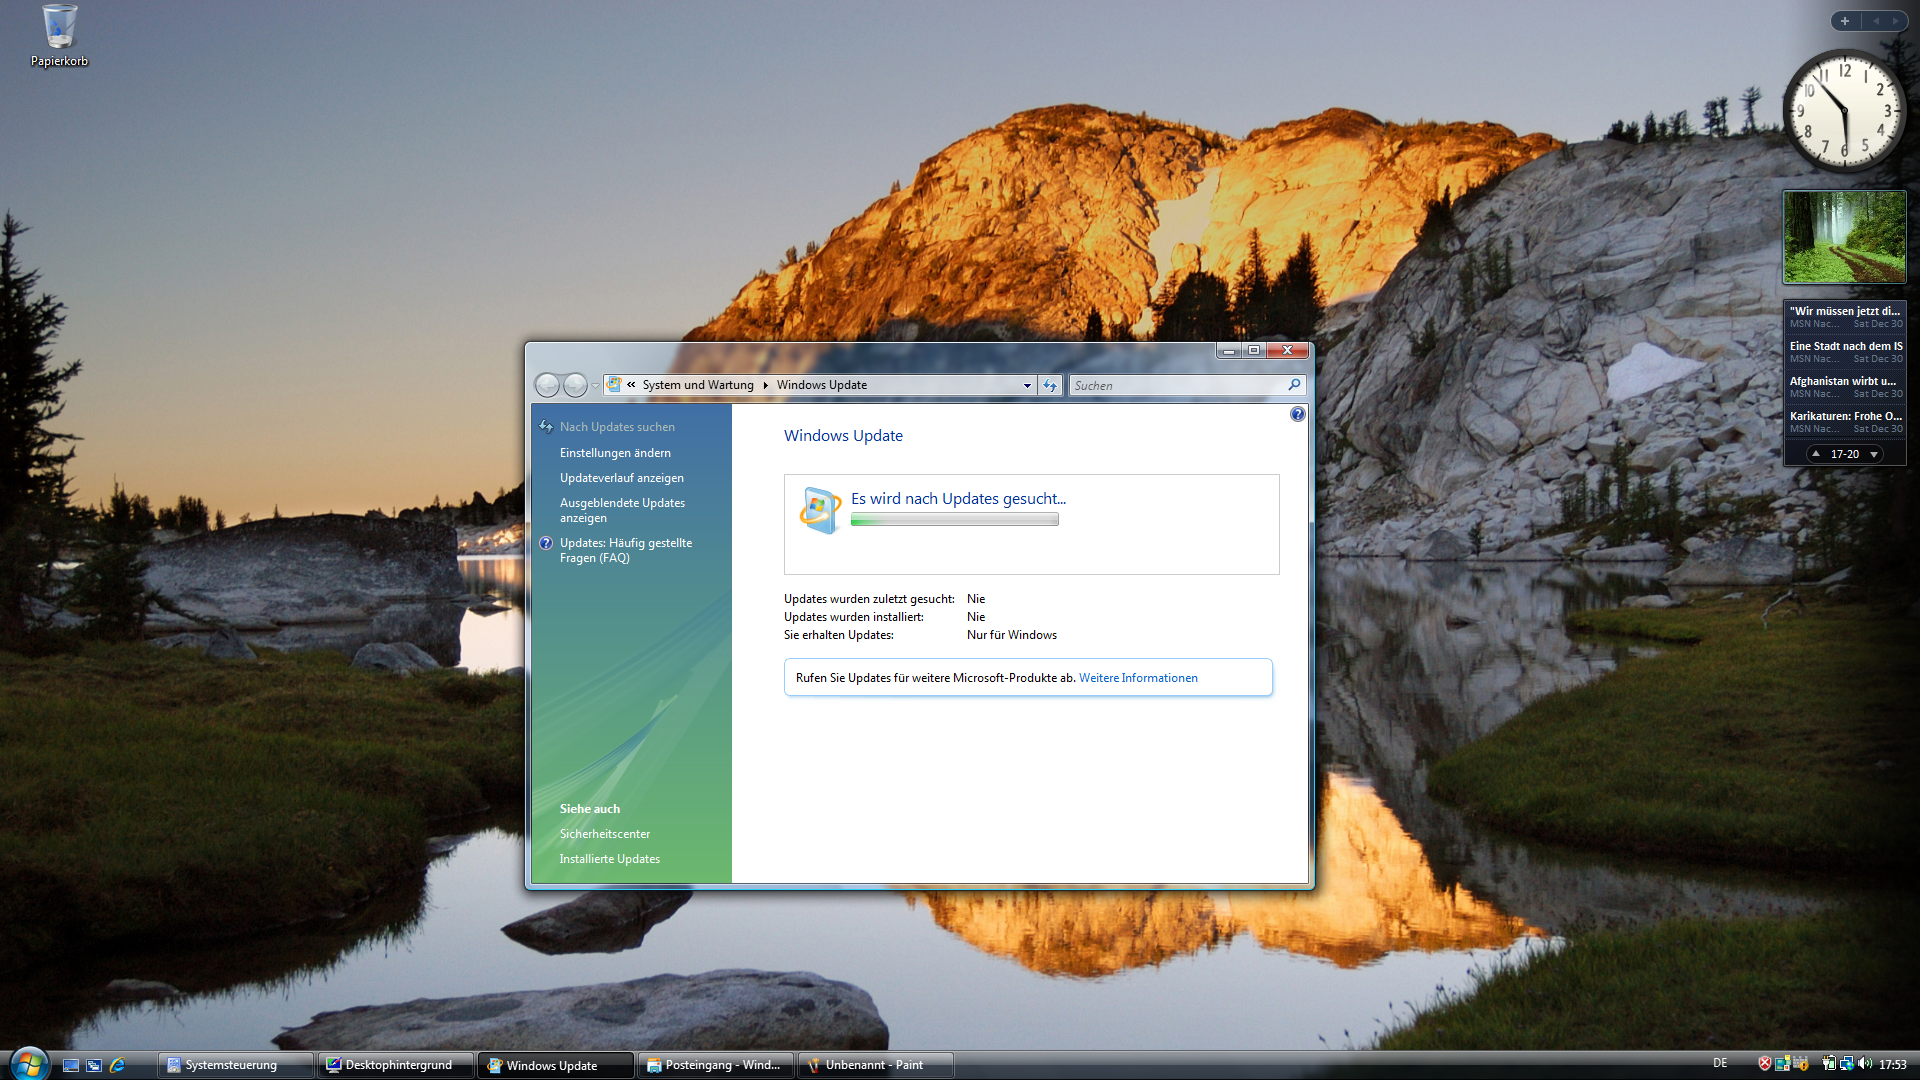 BSI warnt vor Nutzung von Windows Vista nach Support-Ende